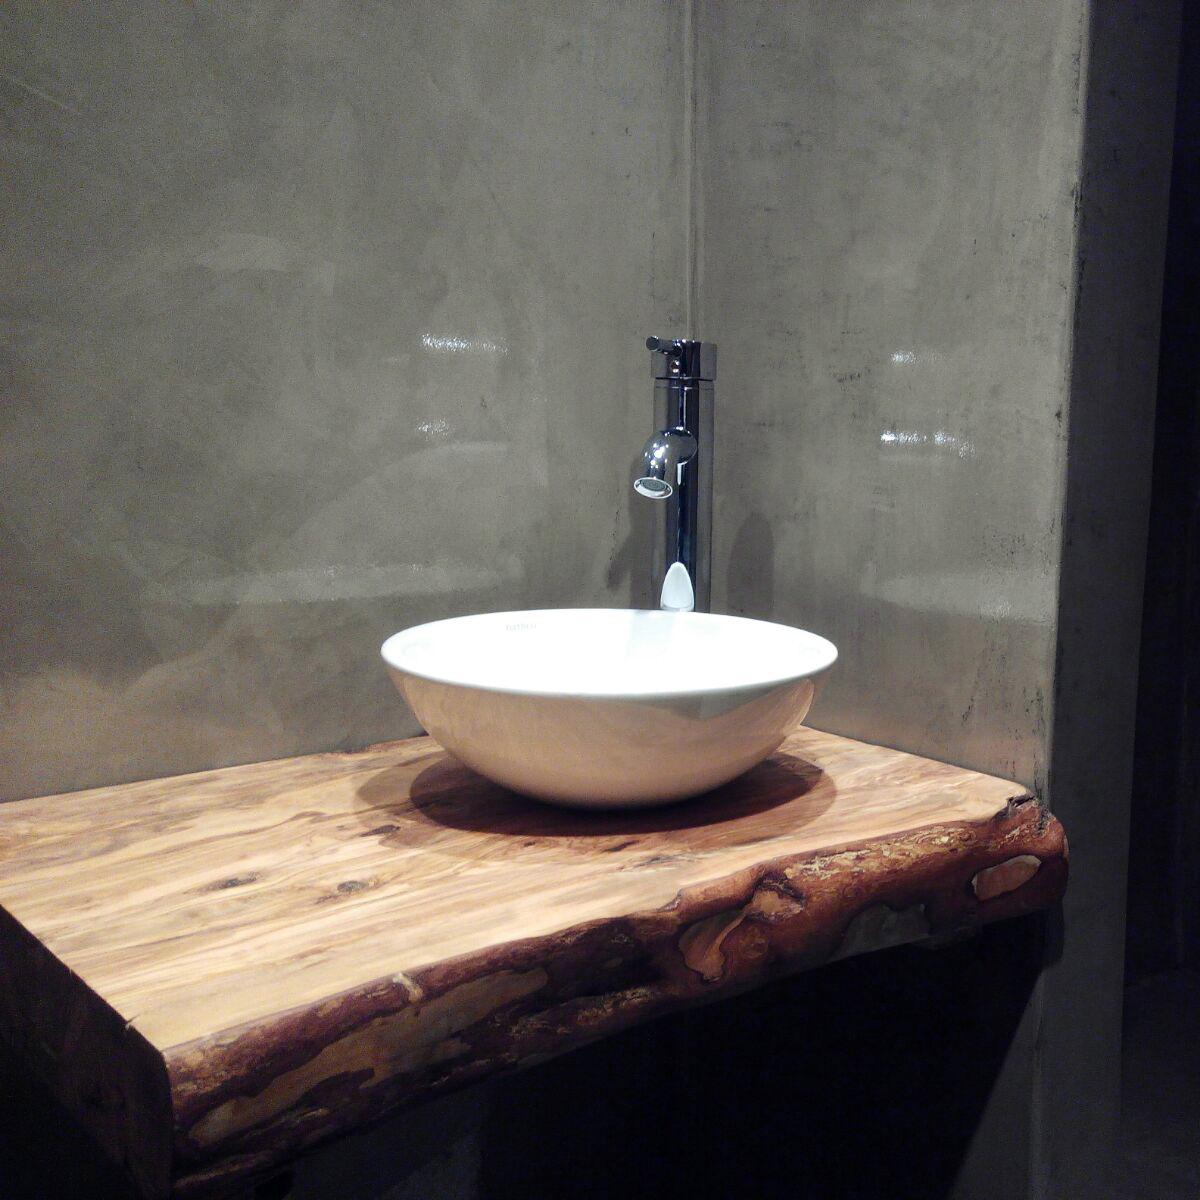 Encimeras de ba o for Encimeras de bano para lavabo